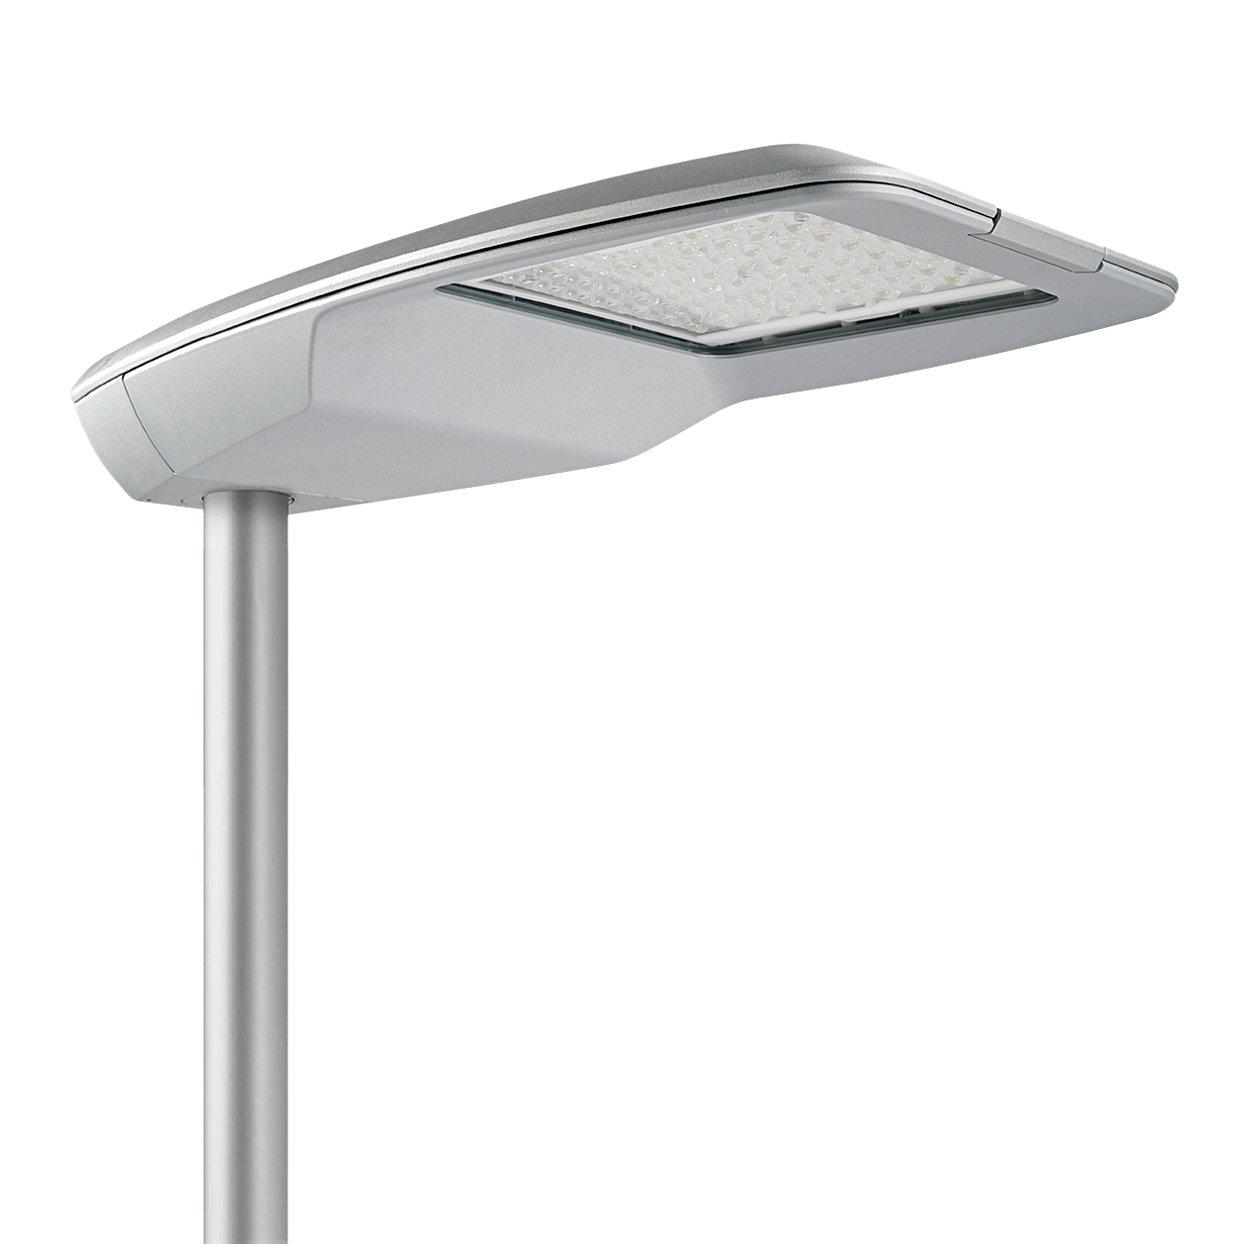 SpeedStar – LEDs ensure a safe journey home